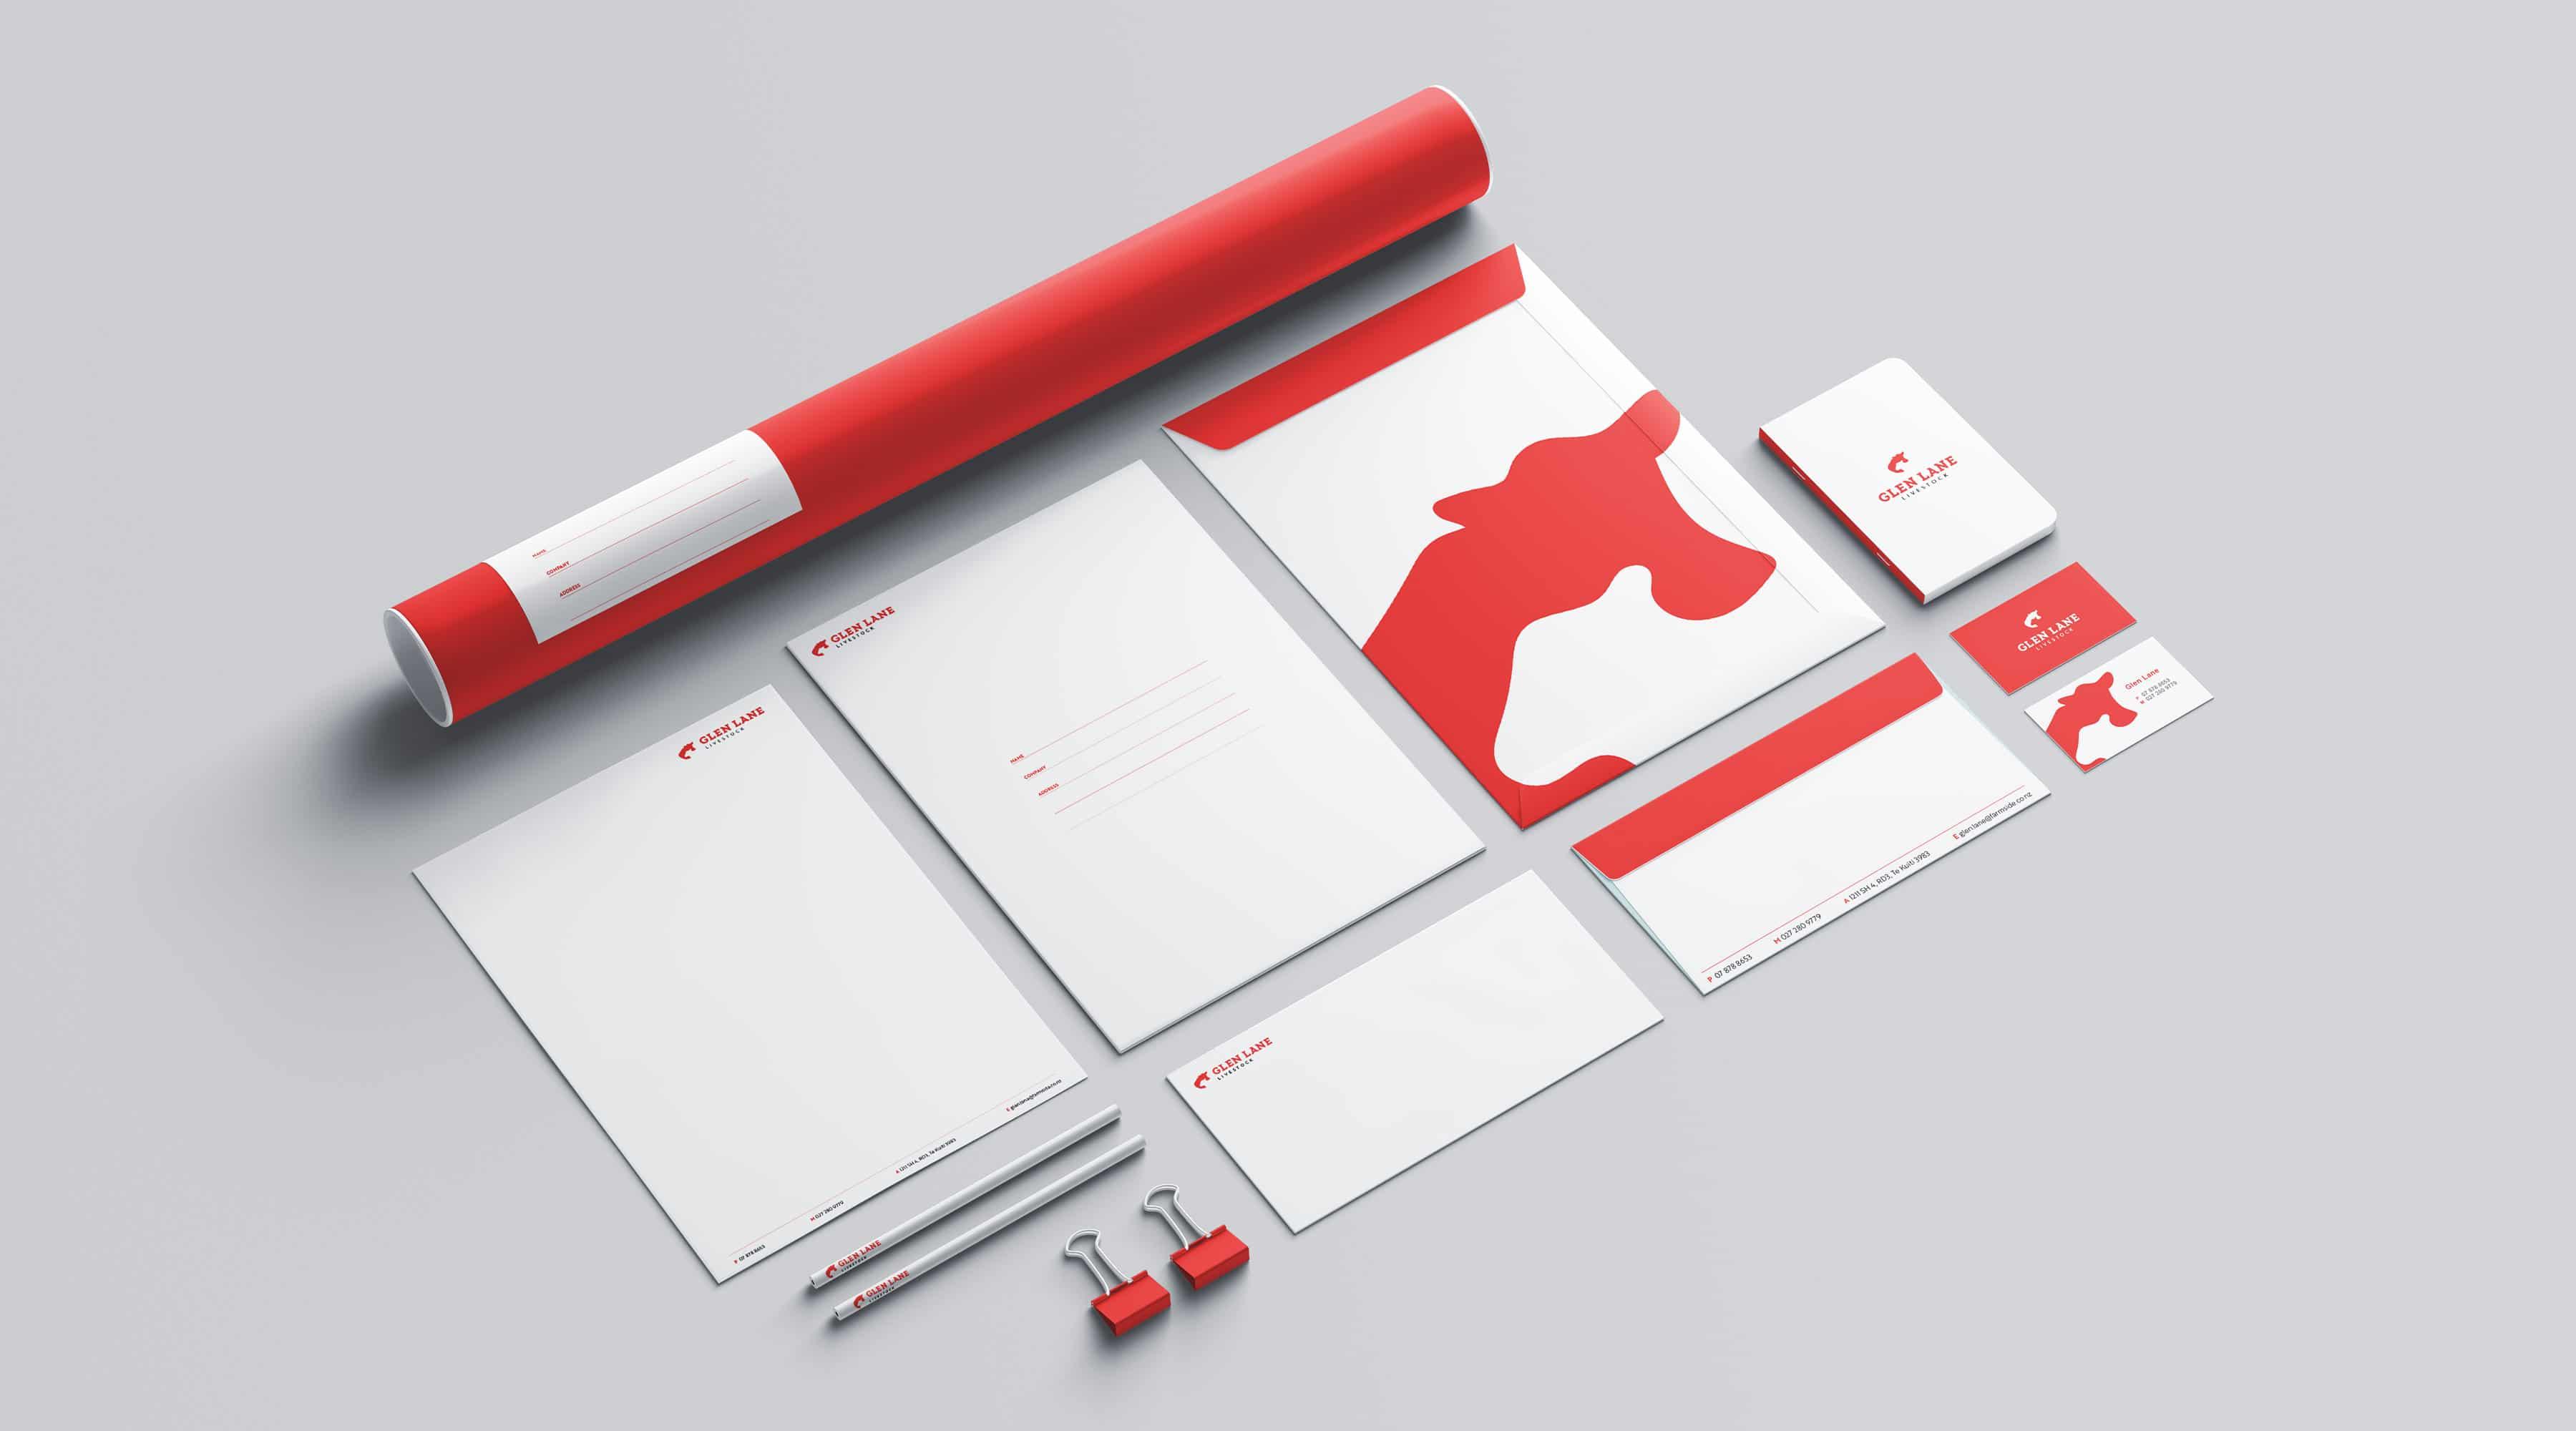 Graphic designer Tauranga